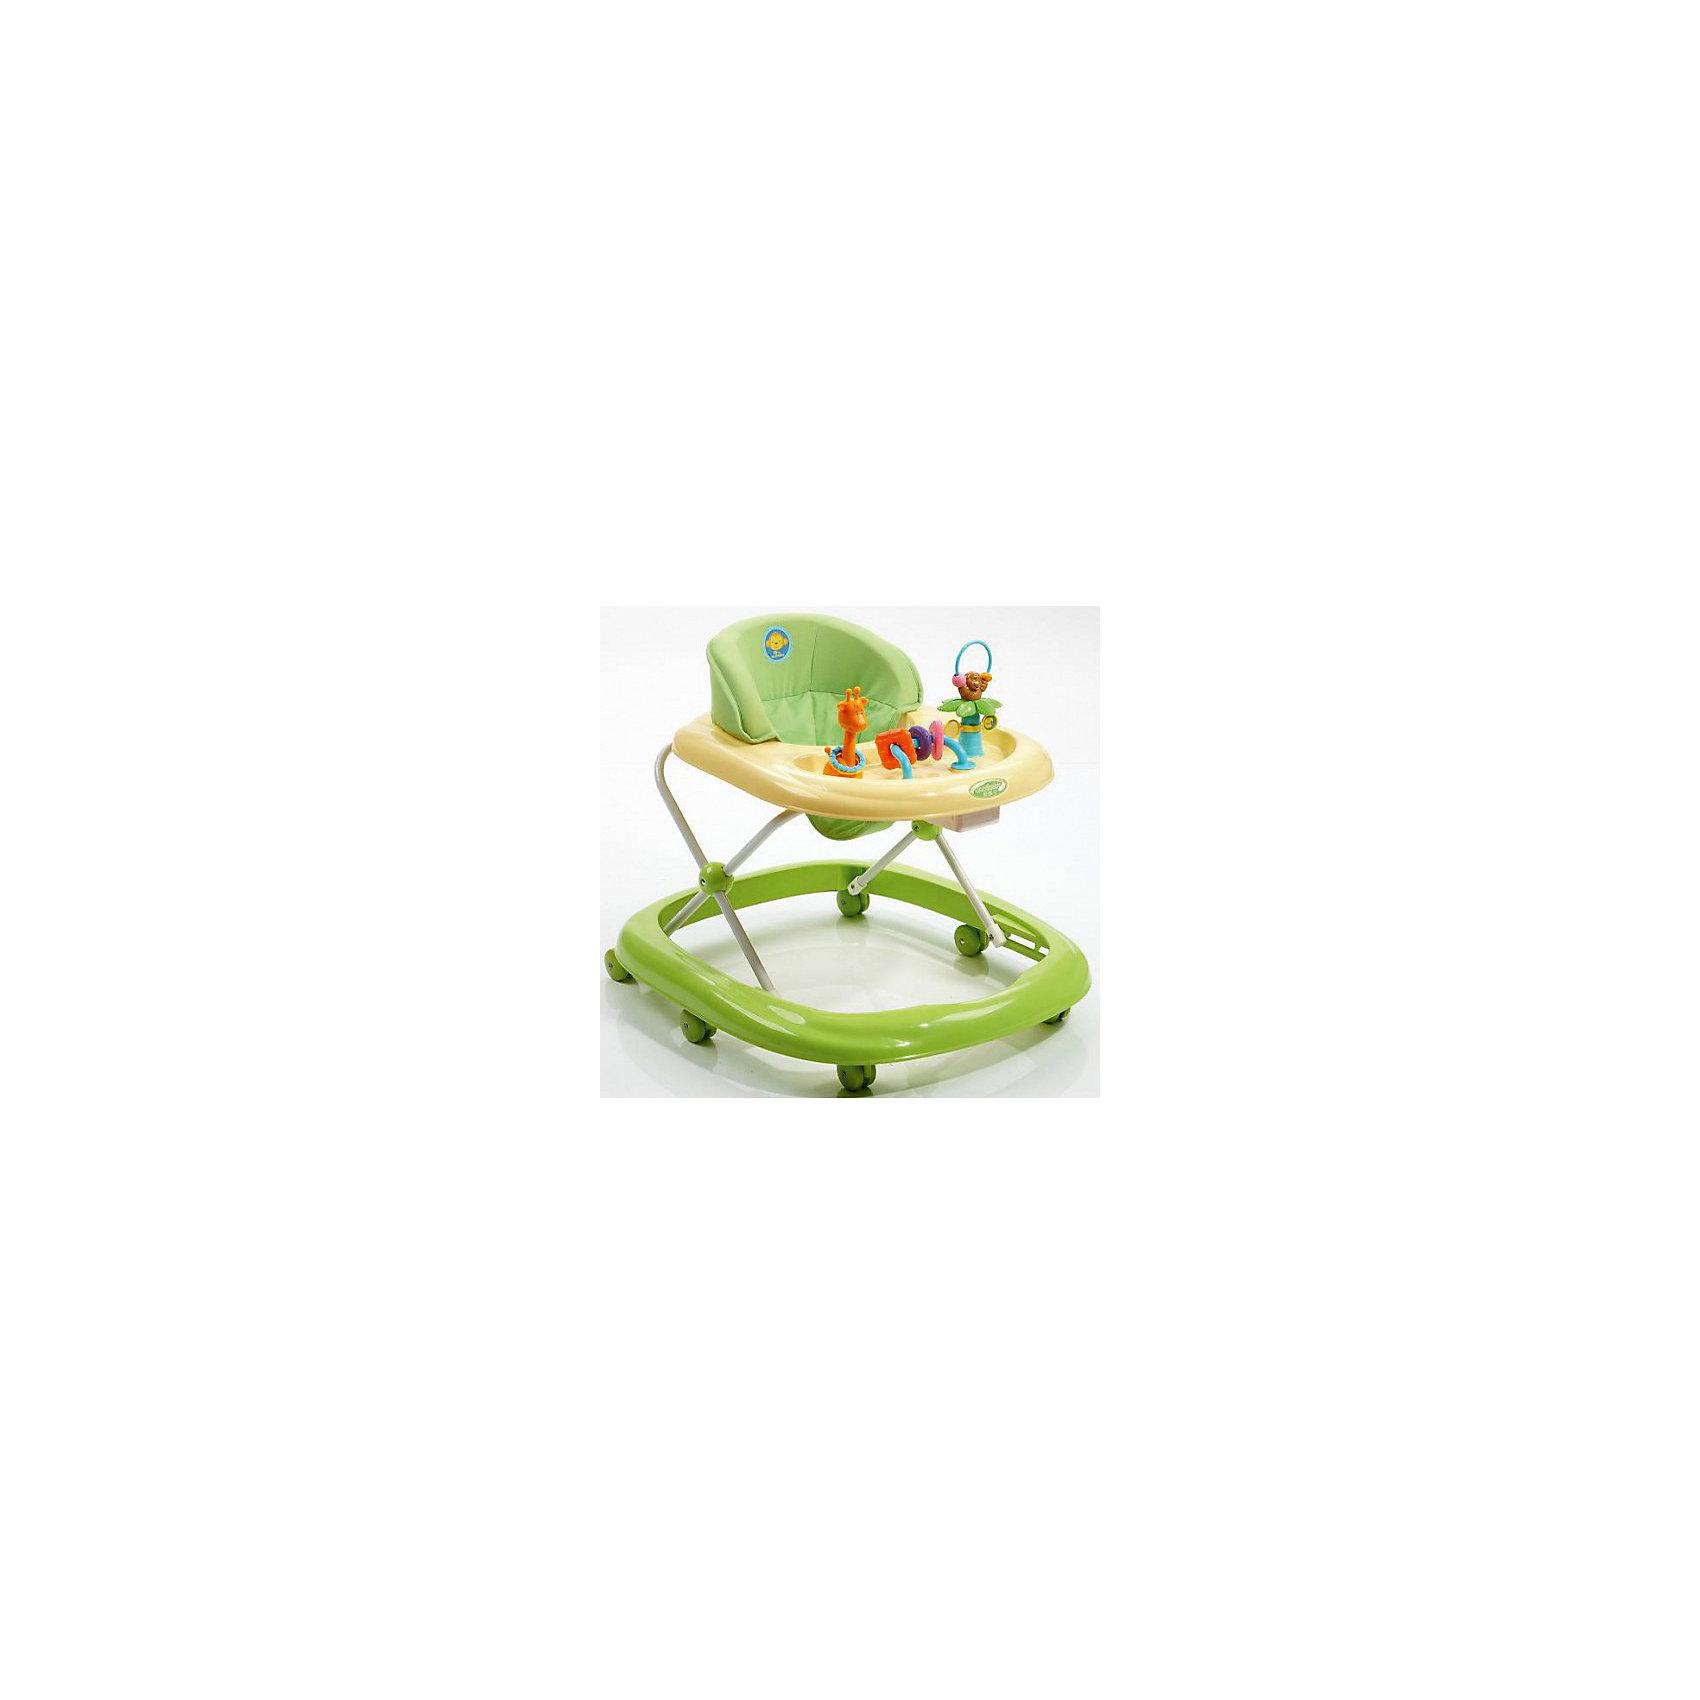 Ходунки 05XB109, Geoby, зелёный с жёлтымХодунки XB 109 – яркая и надежная модель, которая родителям понравится своей устойчивостью, качеством и доступной ценой, а малышу подвижностью и внушительным набором игрушек на столешнице. Удобное сидение и мягкая подкладка на жесткой основе делает положение крохи в ходунках максимально комфортным и естественным. Яркие краски и обтекаемые плавные формы делают дизайн свежим и приятным для глаз. К тому же для крохи развивающие игрушки на столешнице помогут развить внимание и тактильное восприятие малыша.<br><br>Ширина мм: 715<br>Глубина мм: 140<br>Высота мм: 635<br>Вес г: 4300<br>Возраст от месяцев: 6<br>Возраст до месяцев: 18<br>Пол: Унисекс<br>Возраст: Детский<br>SKU: 5500338